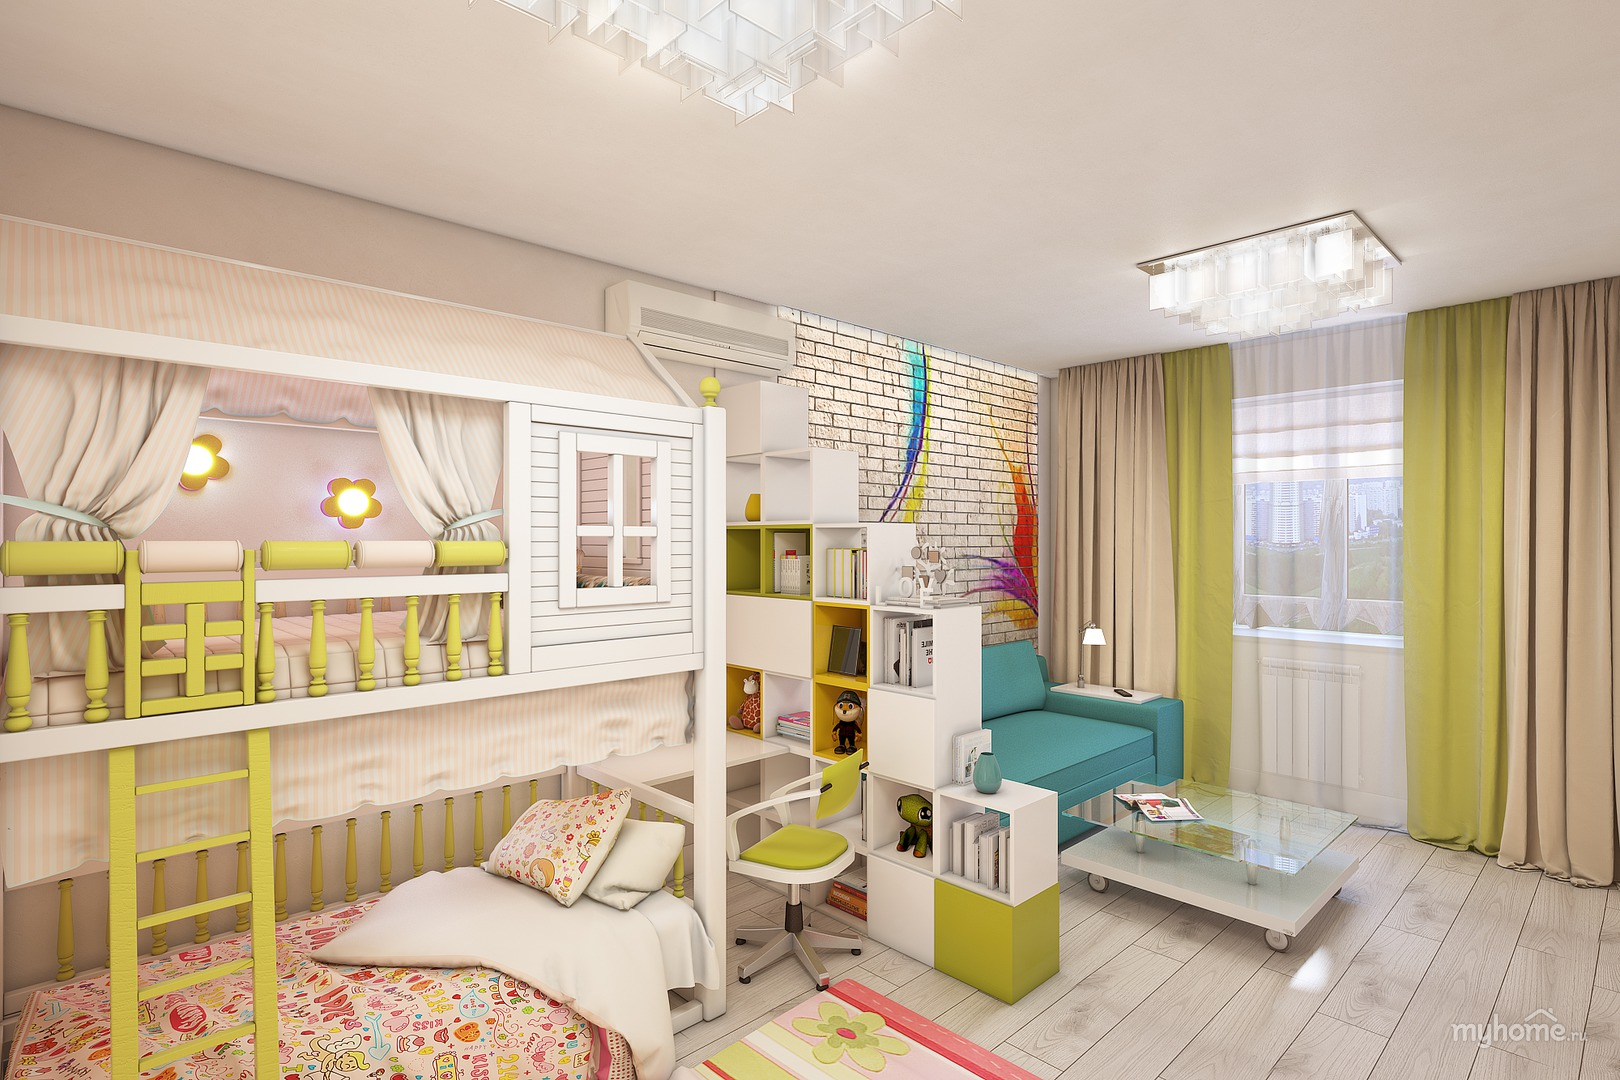 Зонирование комнаты на детскую и взрослую